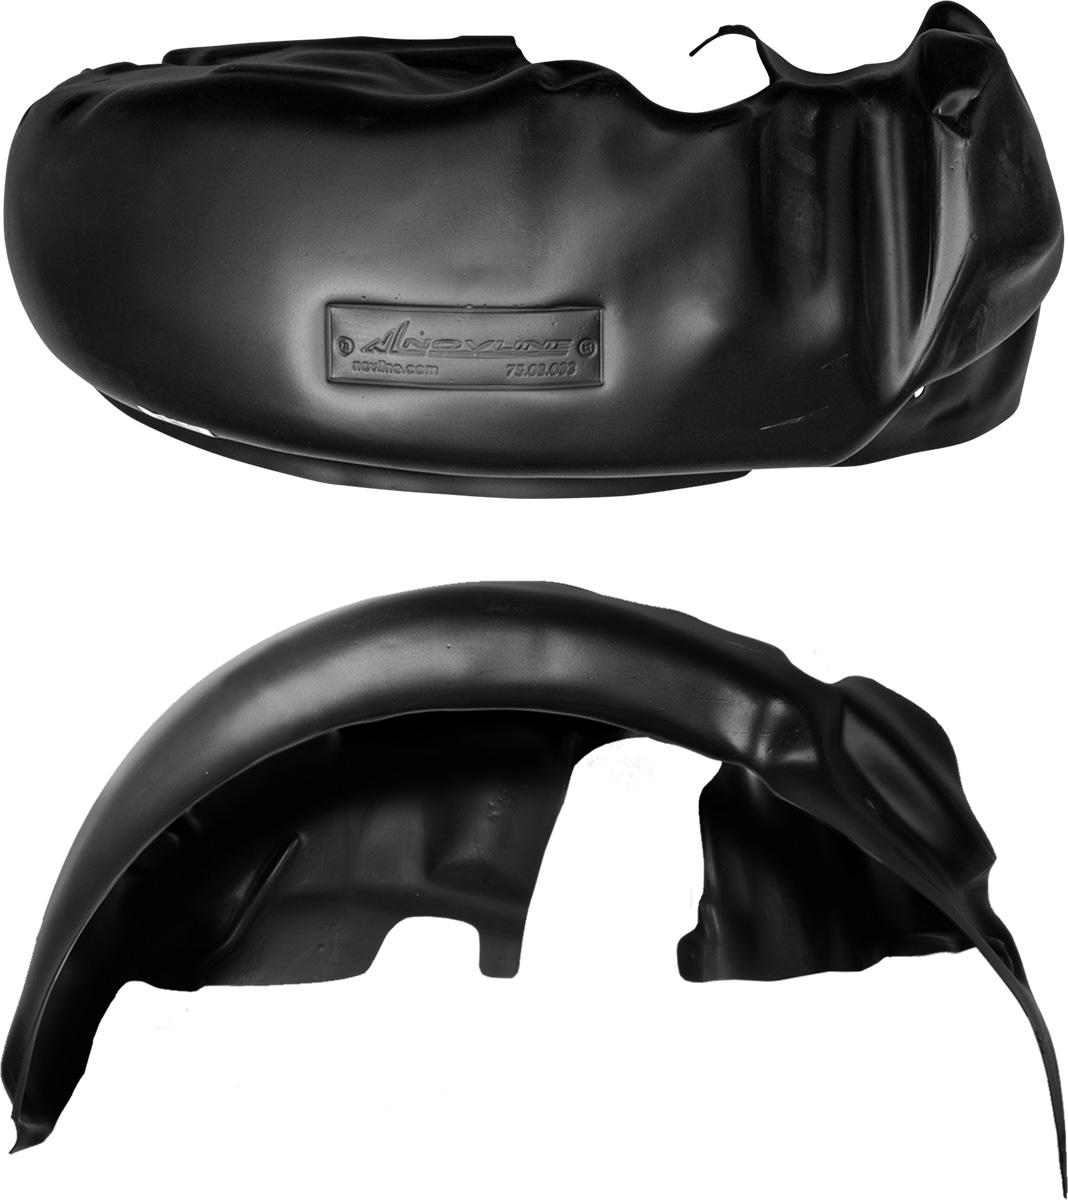 Подкрылок Novline-Autofamily, для Nissan Qashqai, 2007-2013, задний левыйNLL.36.07.003Колесные ниши - одни из самых уязвимых зон днища вашего автомобиля. Они постоянно подвергаются воздействию со стороны дороги. Лучшая, почти абсолютная защита для них - специально отформованные пластиковые кожухи, которые называются подкрылками. Производятся они как для отечественных моделей автомобилей, так и для иномарок. Подкрылки Novline-Autofamily выполнены из высококачественного, экологически чистого пластика. Обеспечивают надежную защиту кузова автомобиля от пескоструйного эффекта и негативного влияния, агрессивных антигололедных реагентов. Пластик обладает более низкой теплопроводностью, чем металл, поэтому в зимний период эксплуатации использование пластиковых подкрылков позволяет лучше защитить колесные ниши от налипания снега и образования наледи. Оригинальность конструкции подчеркивает элегантность автомобиля, бережно защищает нанесенное на днище кузова антикоррозийное покрытие и позволяет осуществить крепление подкрылков внутри колесной арки практически без дополнительного крепежа и сверления, не нарушая при этом лакокрасочного покрытия, что предотвращает возникновение новых очагов коррозии. Подкрылки долговечны, обладают высокой прочностью и сохраняют заданную форму, а также все свои физико-механические характеристики в самых тяжелых климатических условиях (от -50°С до +50°С).Уважаемые клиенты!Обращаем ваше внимание, на тот факт, что подкрылок имеет форму, соответствующую модели данного автомобиля. Фото служит для визуального восприятия товара.